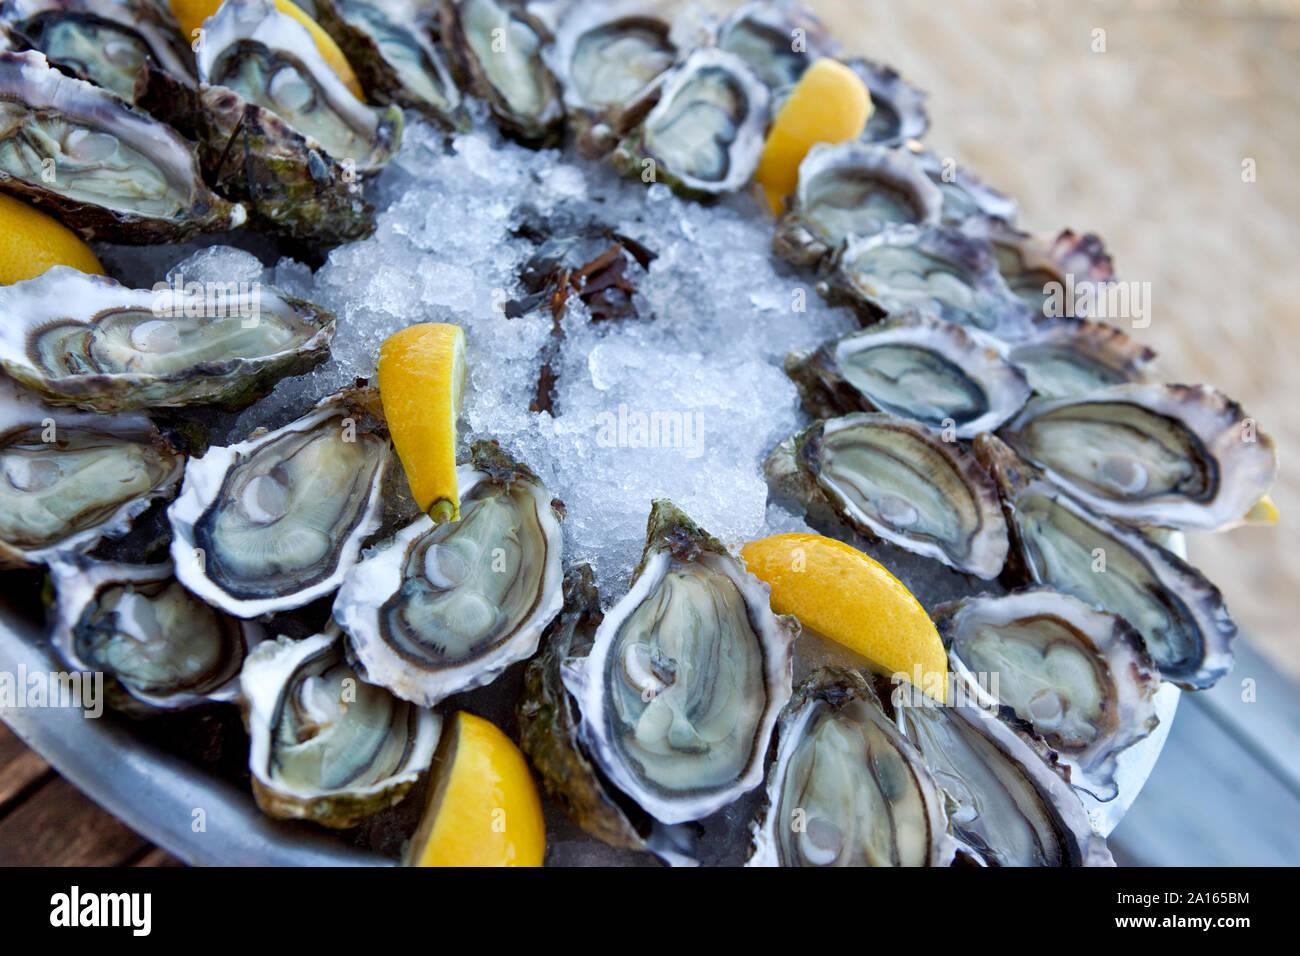 Las ostras de limón y hielo en una placa en un restaurante francés Foto de stock